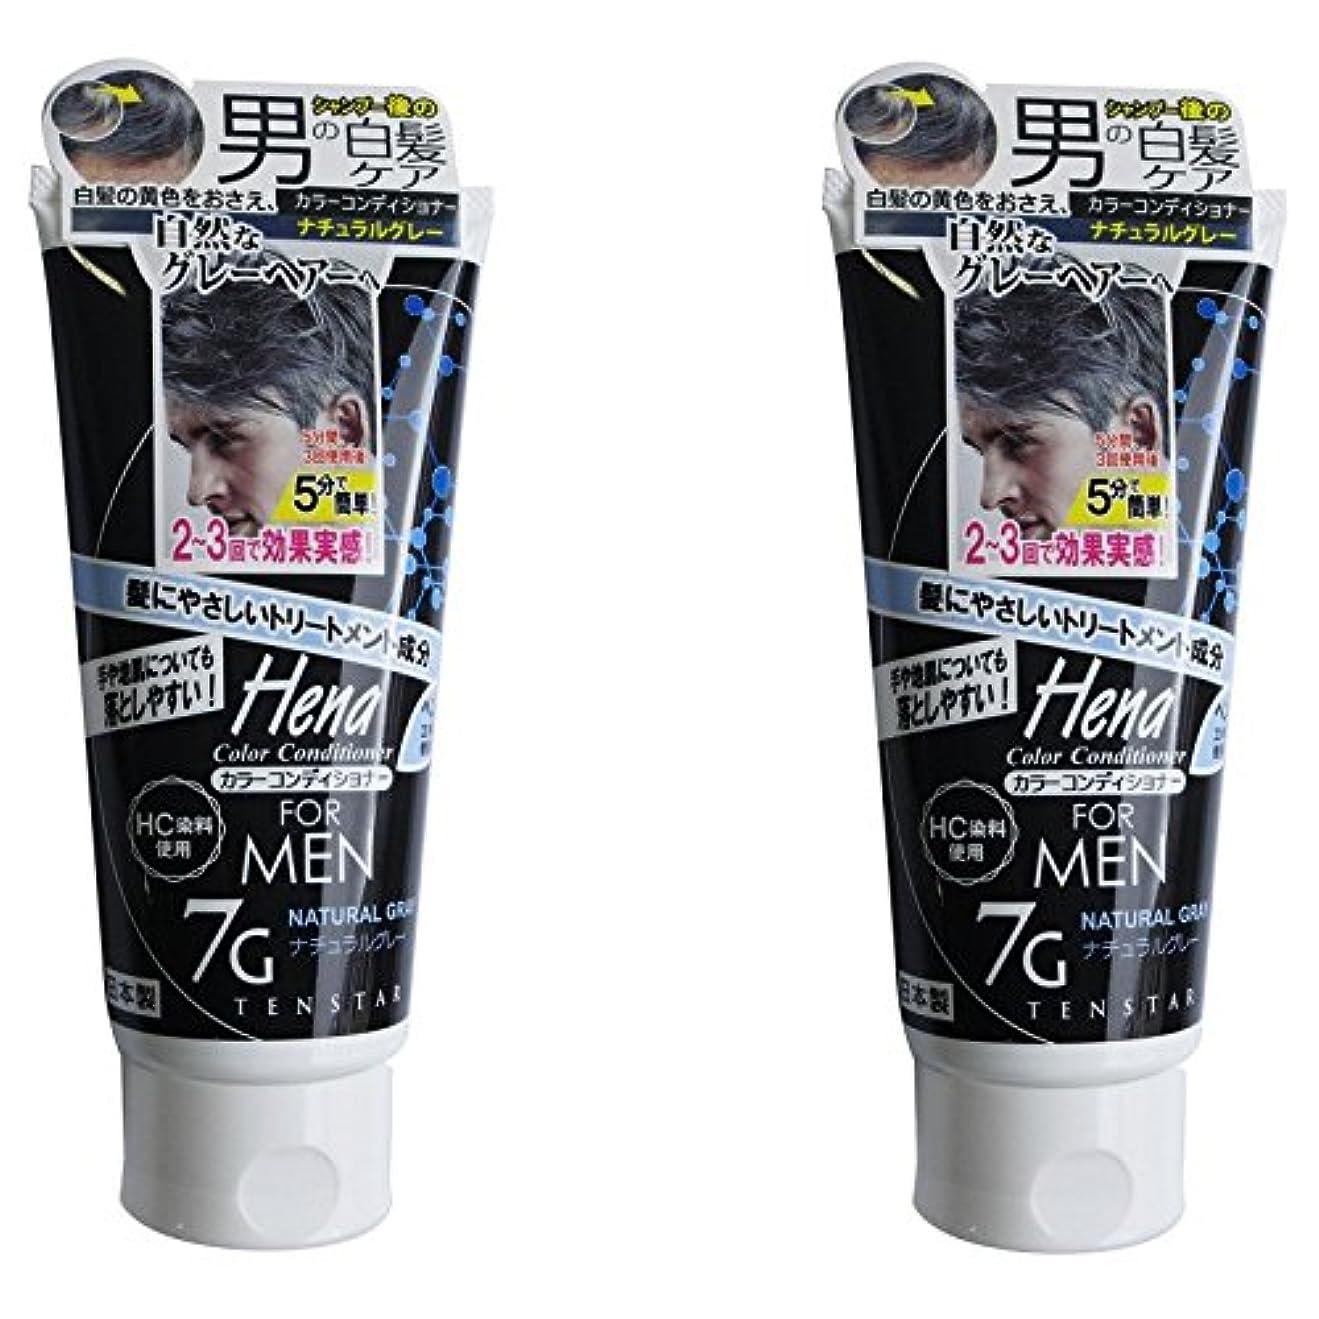 ハリケーンブローホール先【まとめ買い】テンスター カラーコンディショナー for MEN ナチュラルグレー 178g【×2個】